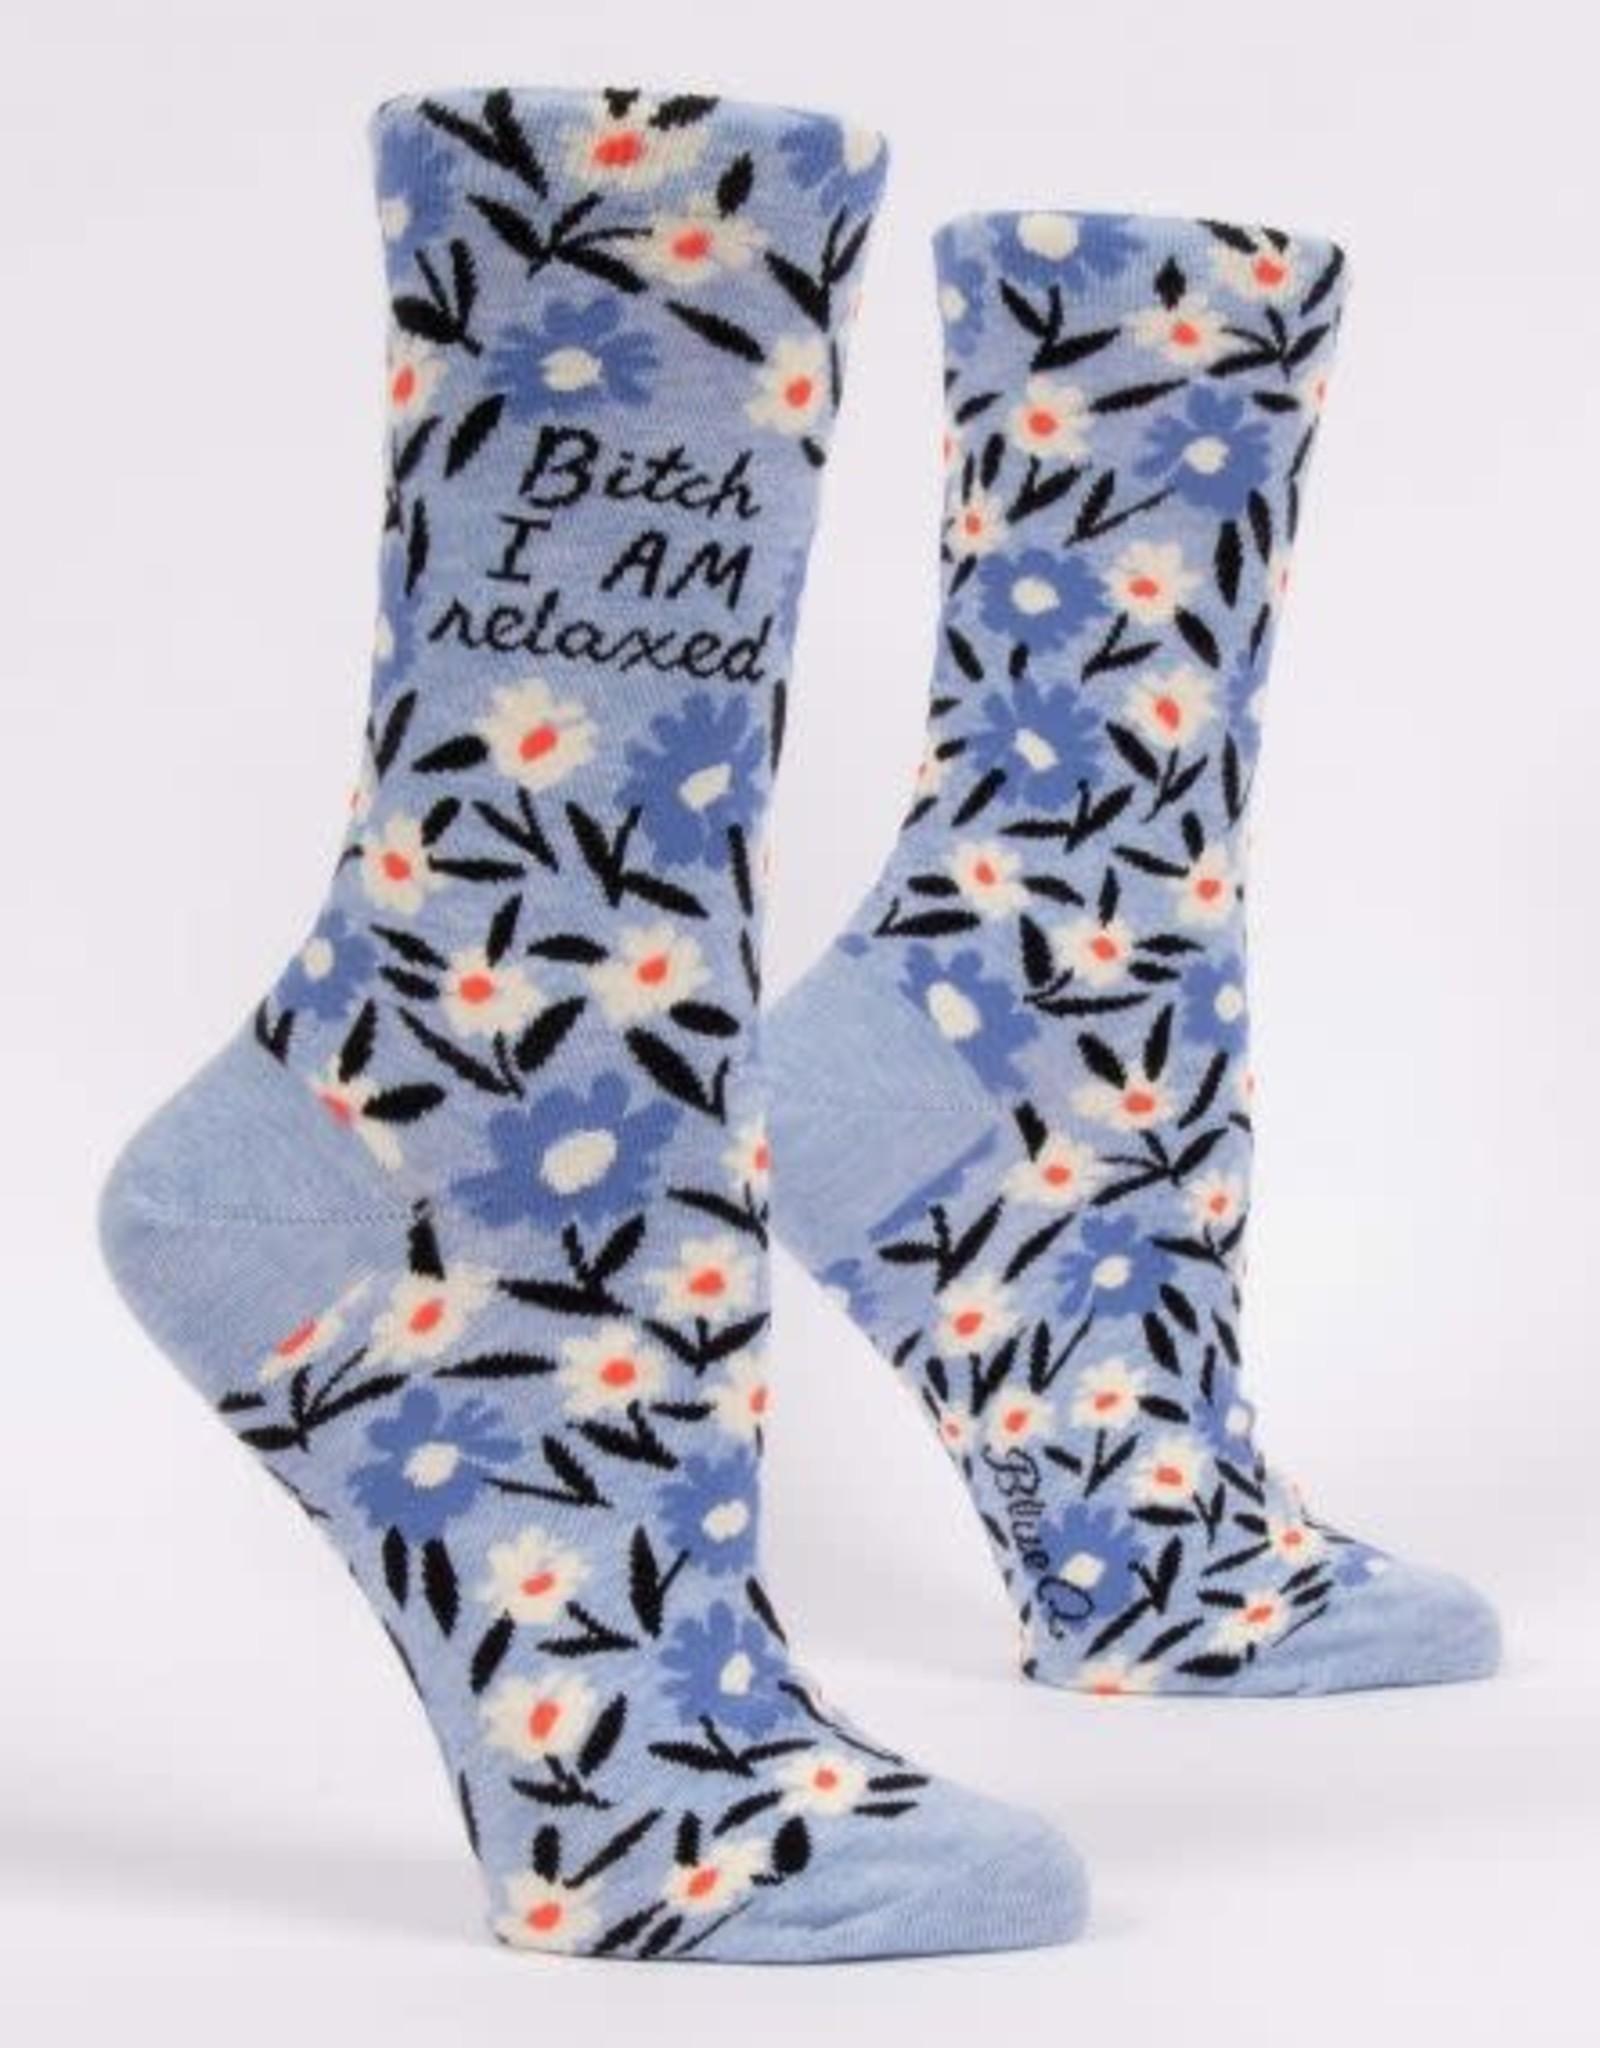 Blue Q Bitch I Am Relaxed Socks